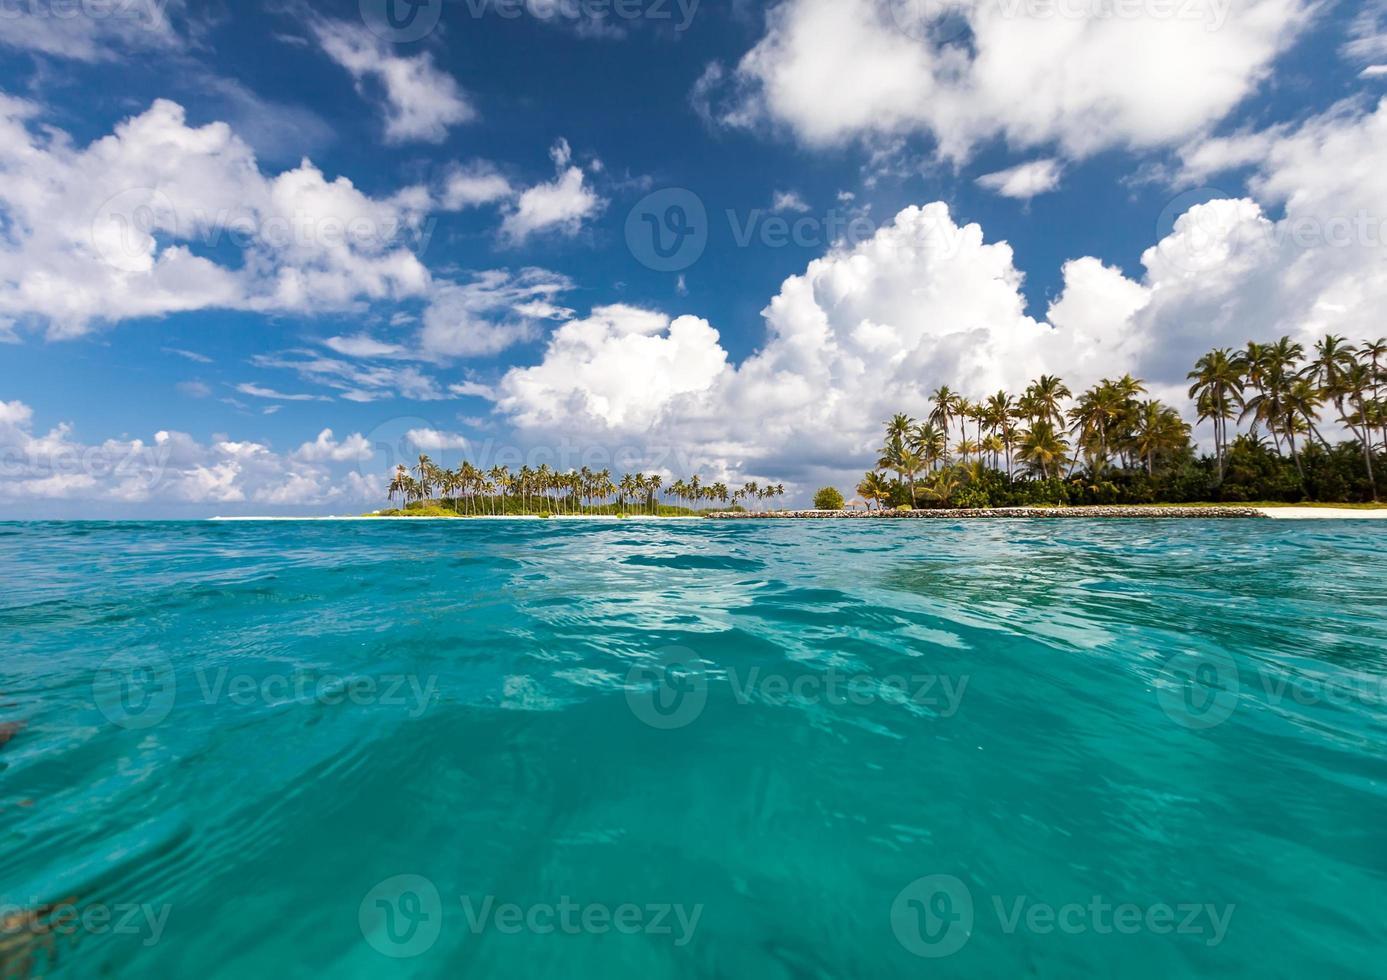 vue panoramique sur l'île dans l'océan Indien photo